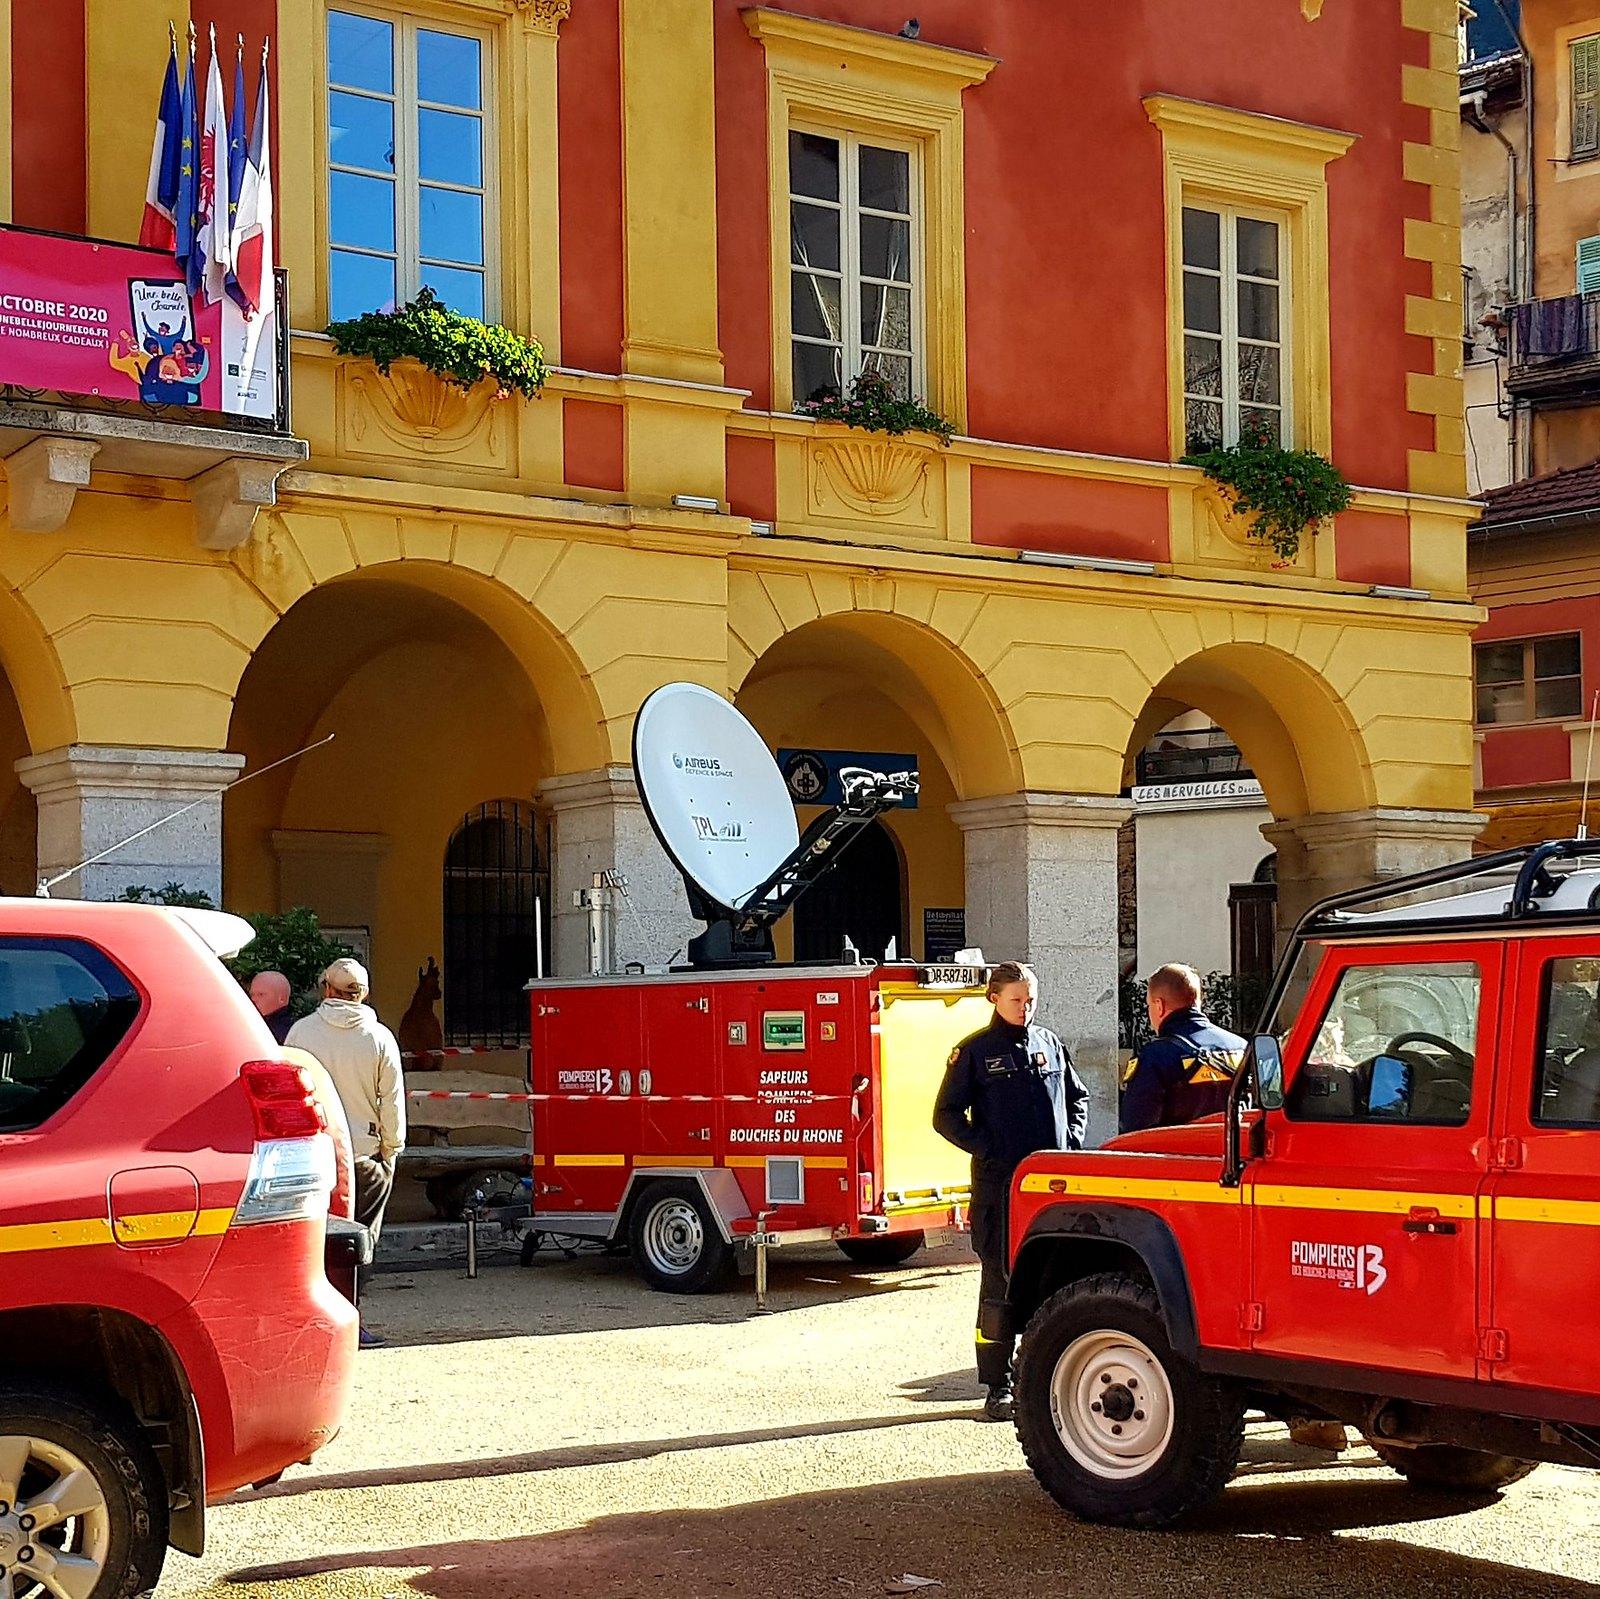 Fin de mission pour les Pompiers13 en renfort dans les Alpes-Maritimes